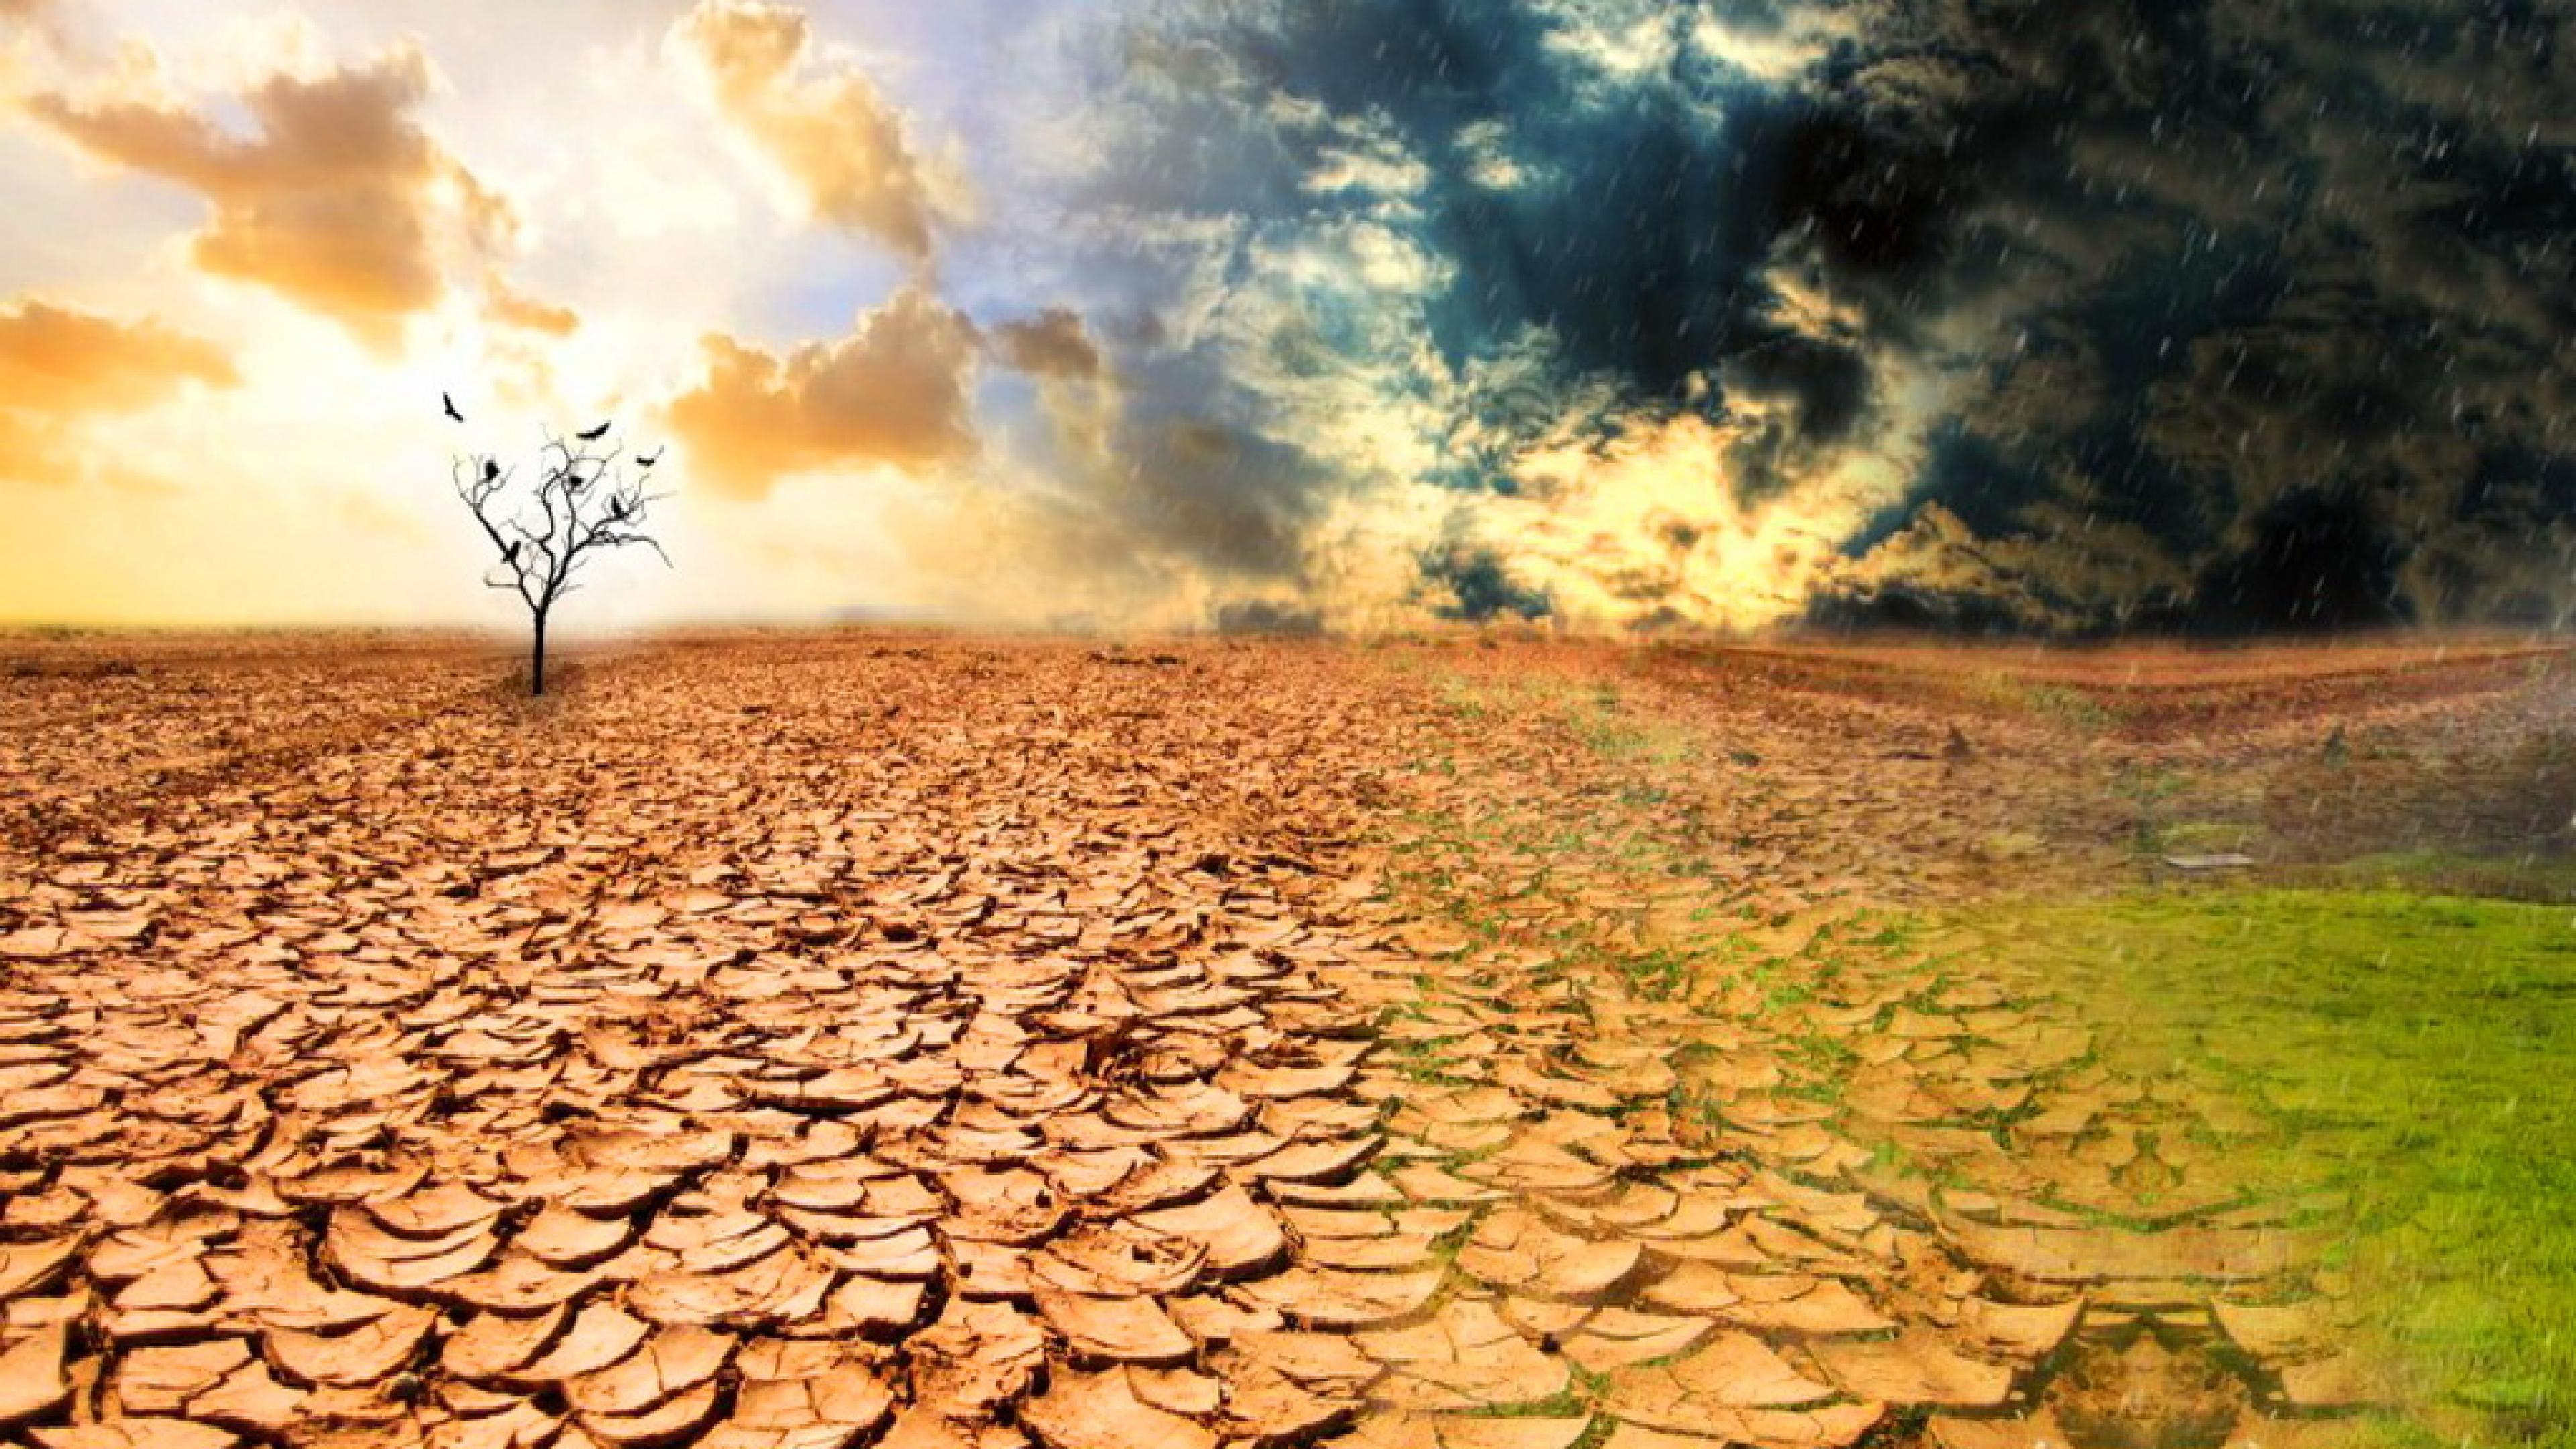 deserto, desolazione, arido